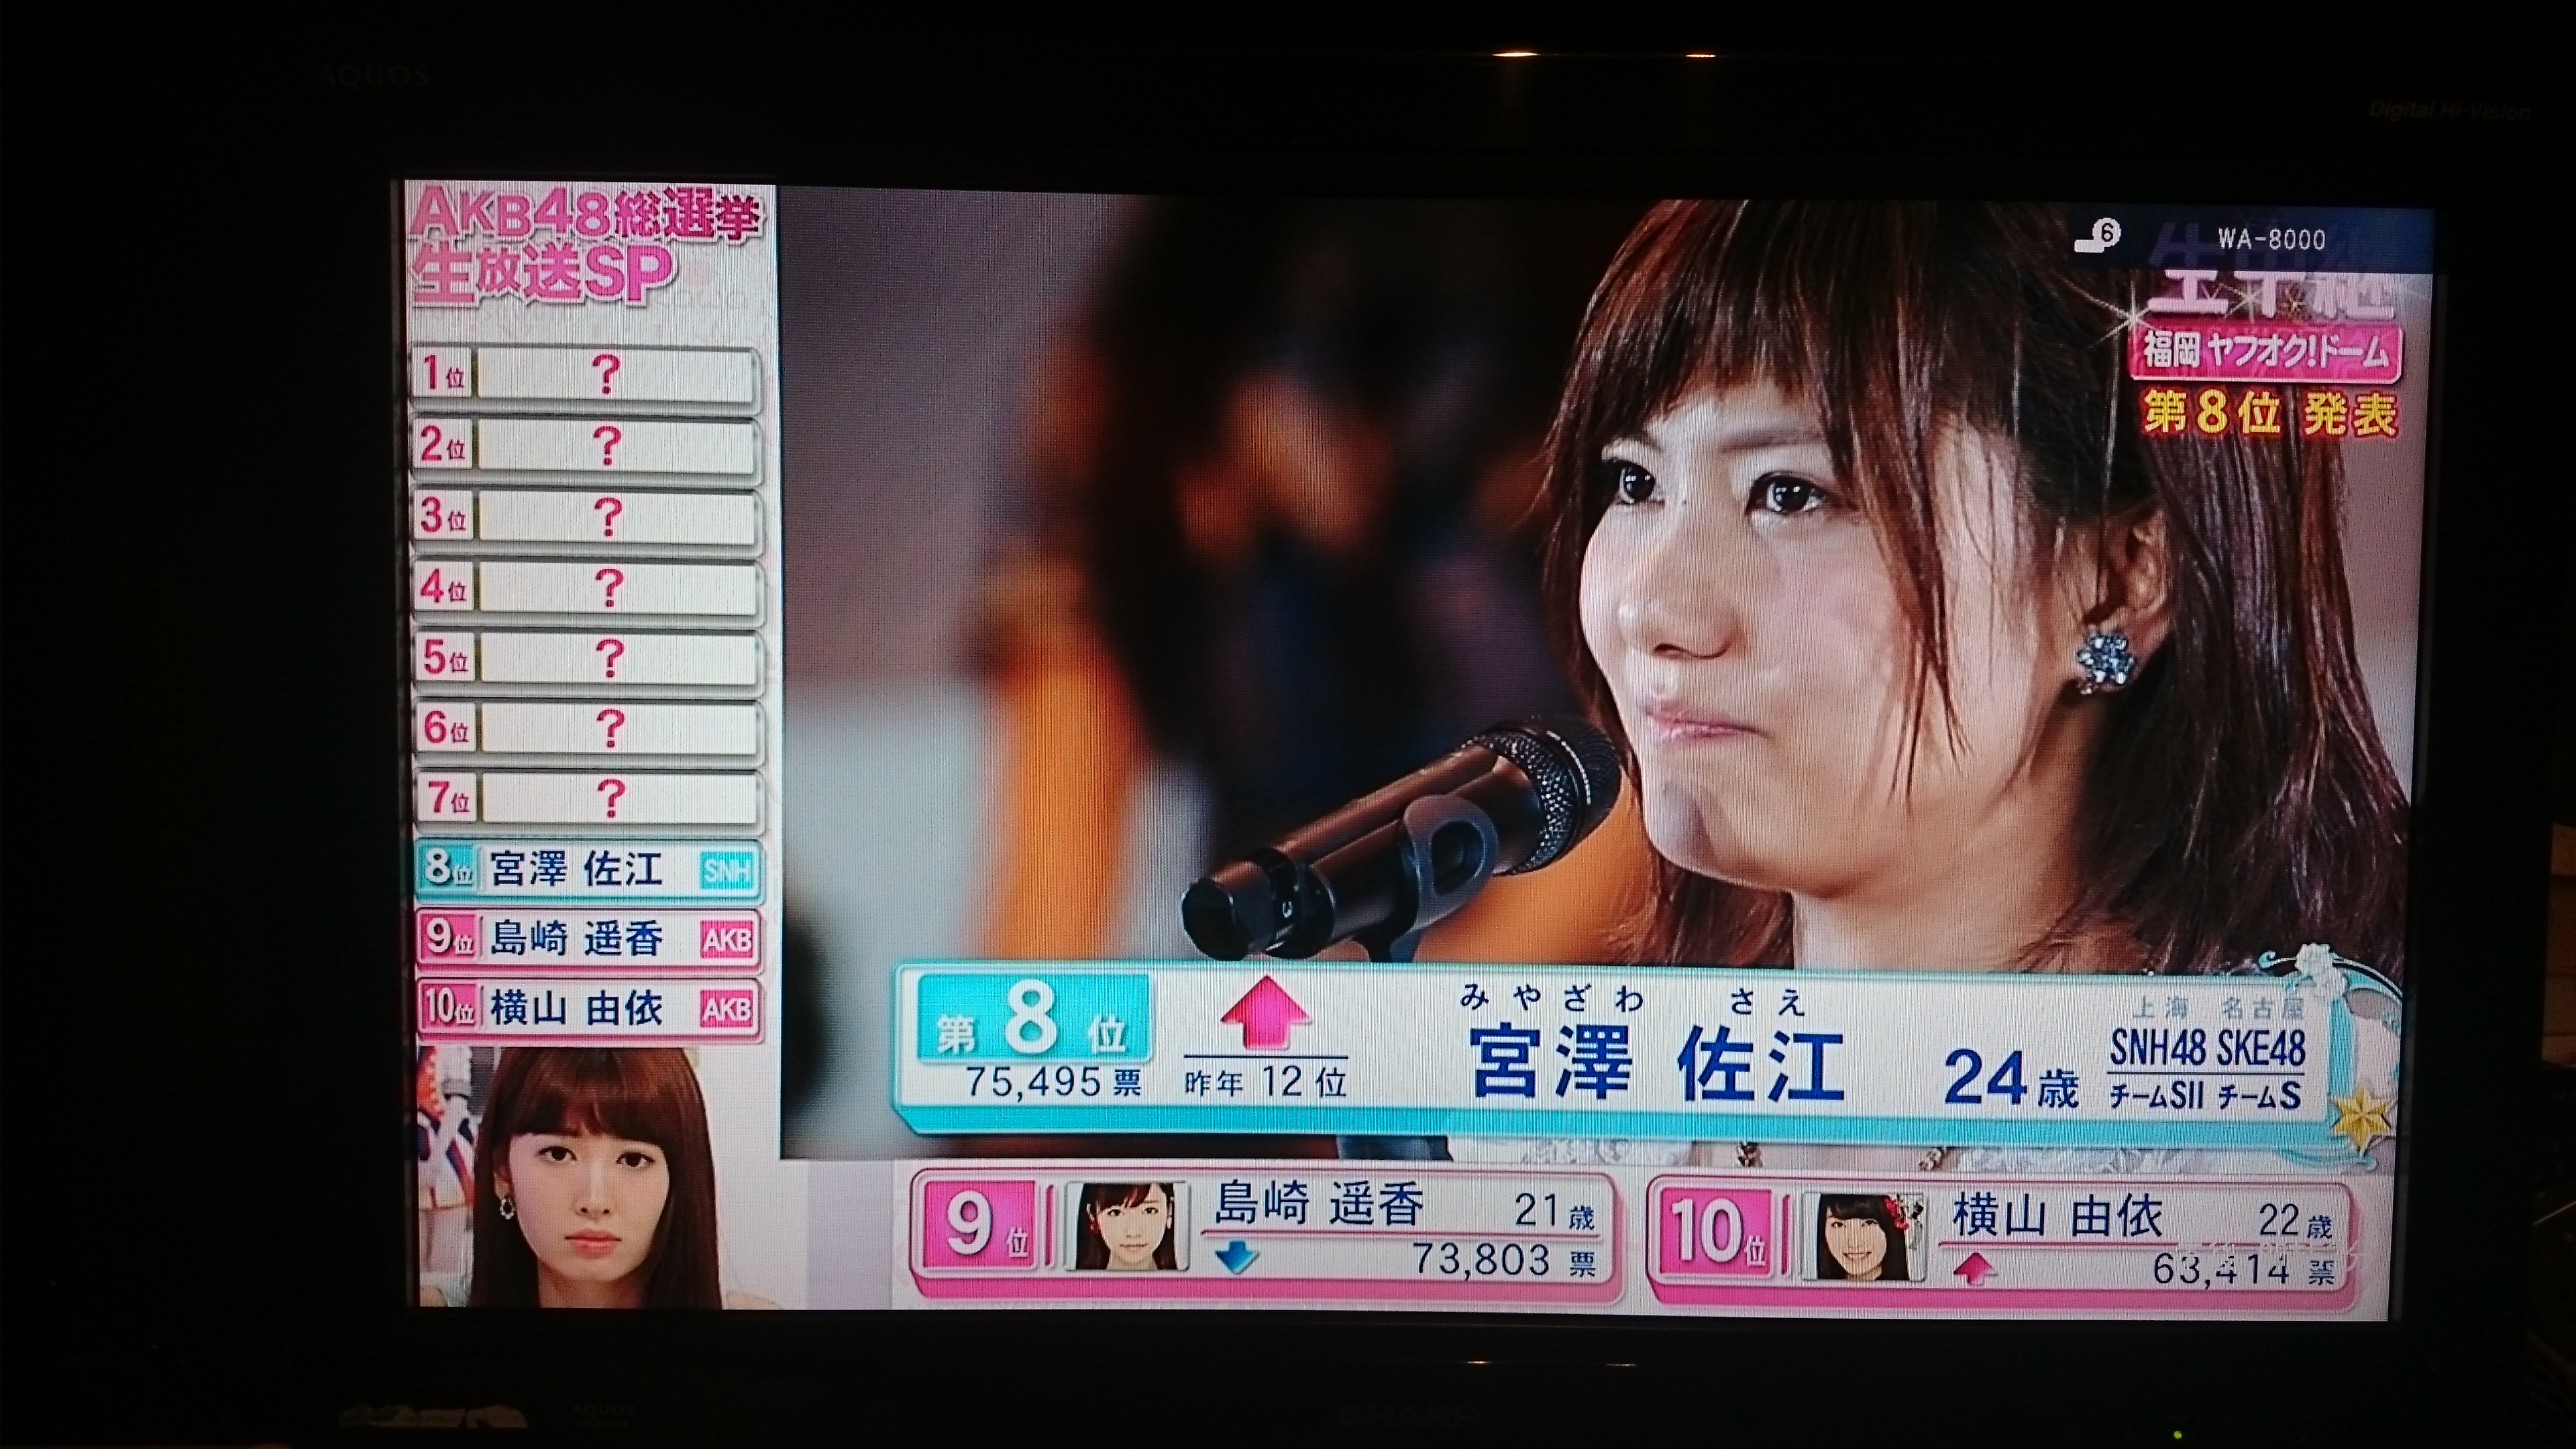 【AKB48 41stシングル 選抜総選挙】宮澤佐江ちゃん神7よりも輝いた8位を獲得!